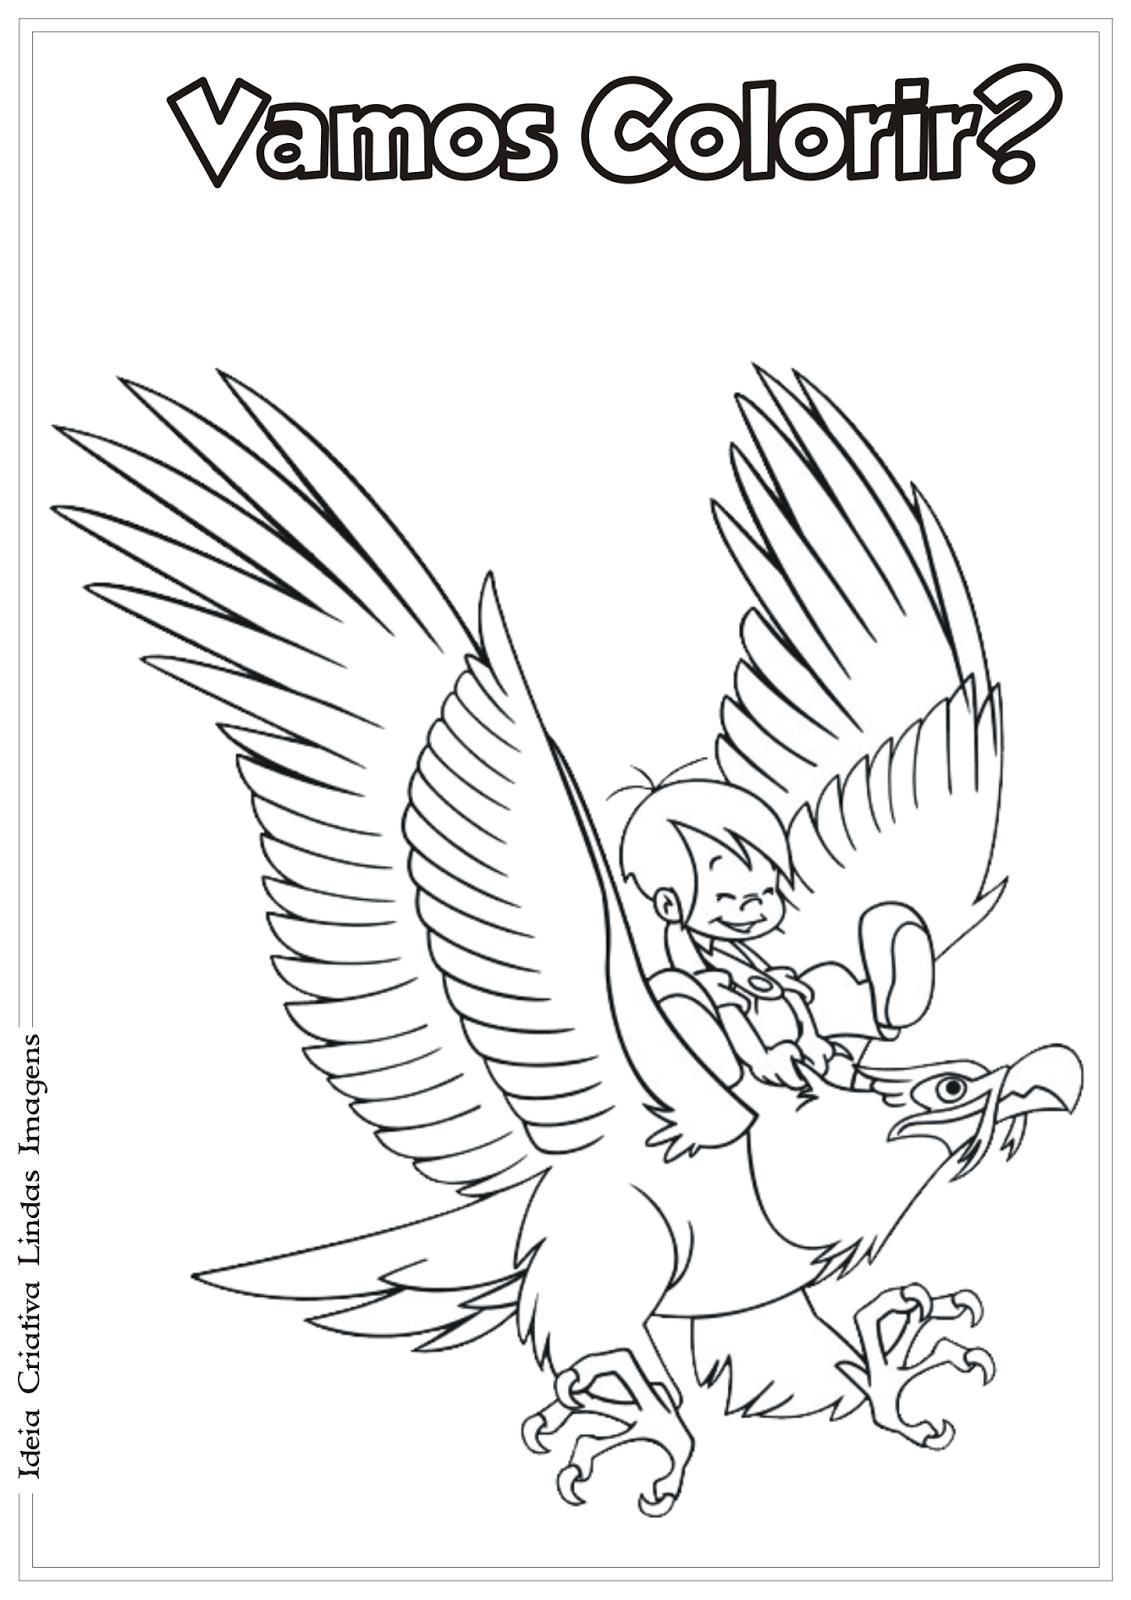 Marcelino desenho para colorir